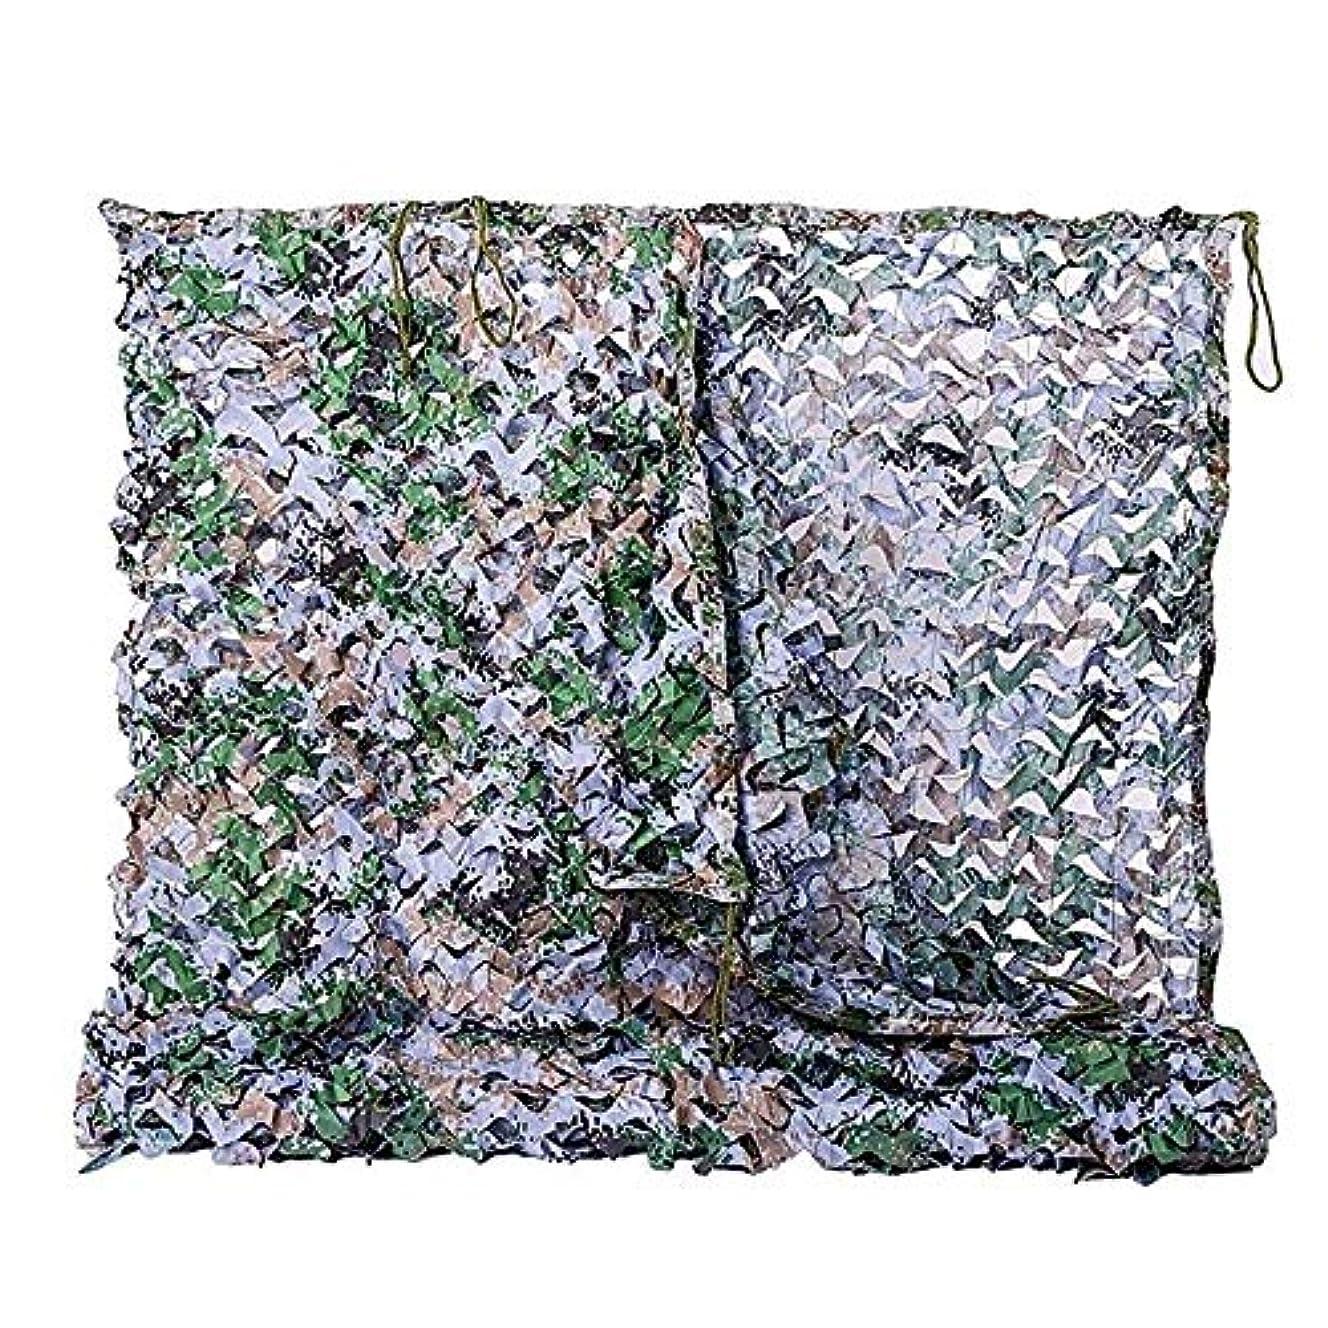 普通に内なる花に水をやるDGLIYJ デジタル迷彩ネット、150 Dオックスフォード布迷彩ネットは軽くて丈夫で、盲目の射撃キャンプの日よけのテーマセットに使用されます (Size : 3x3m)